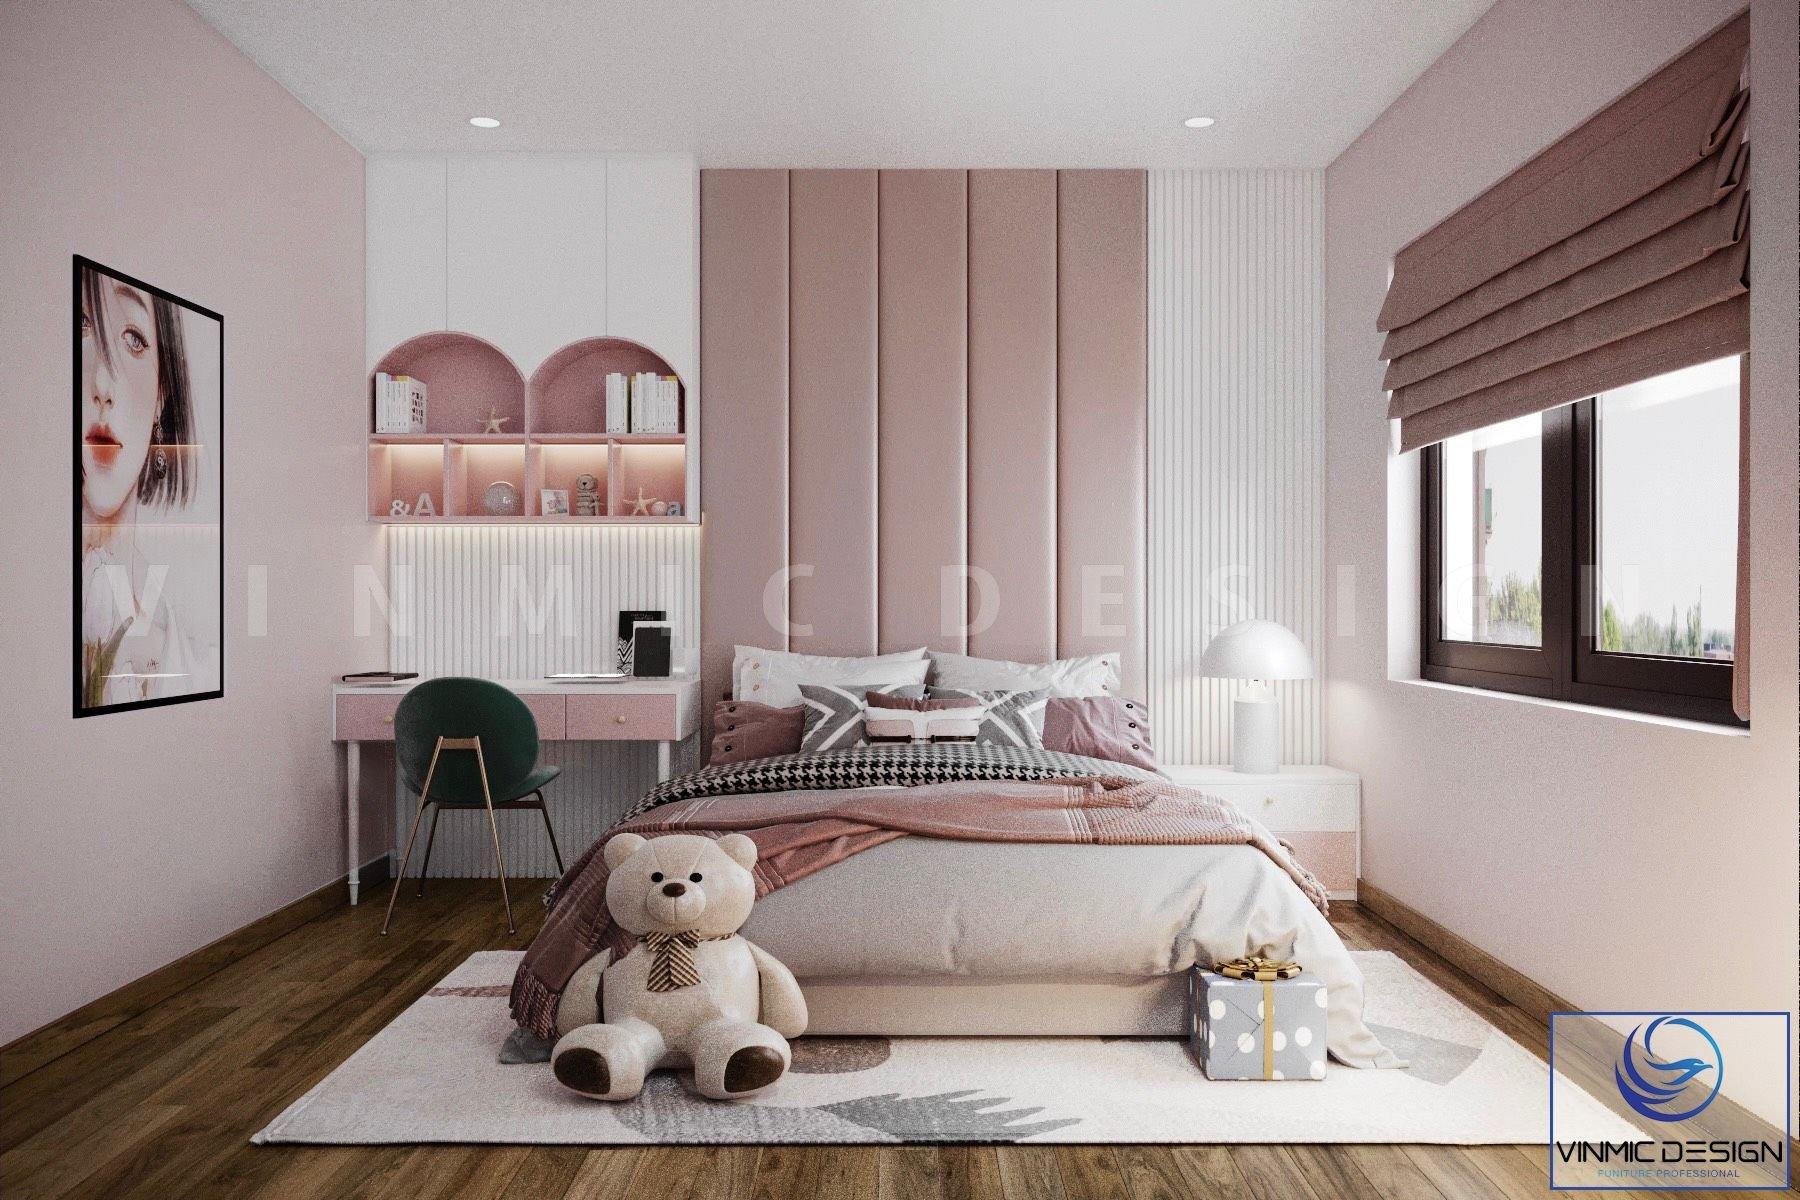 Thiết kế phòng ngủ bé gái với tông màu hồng.